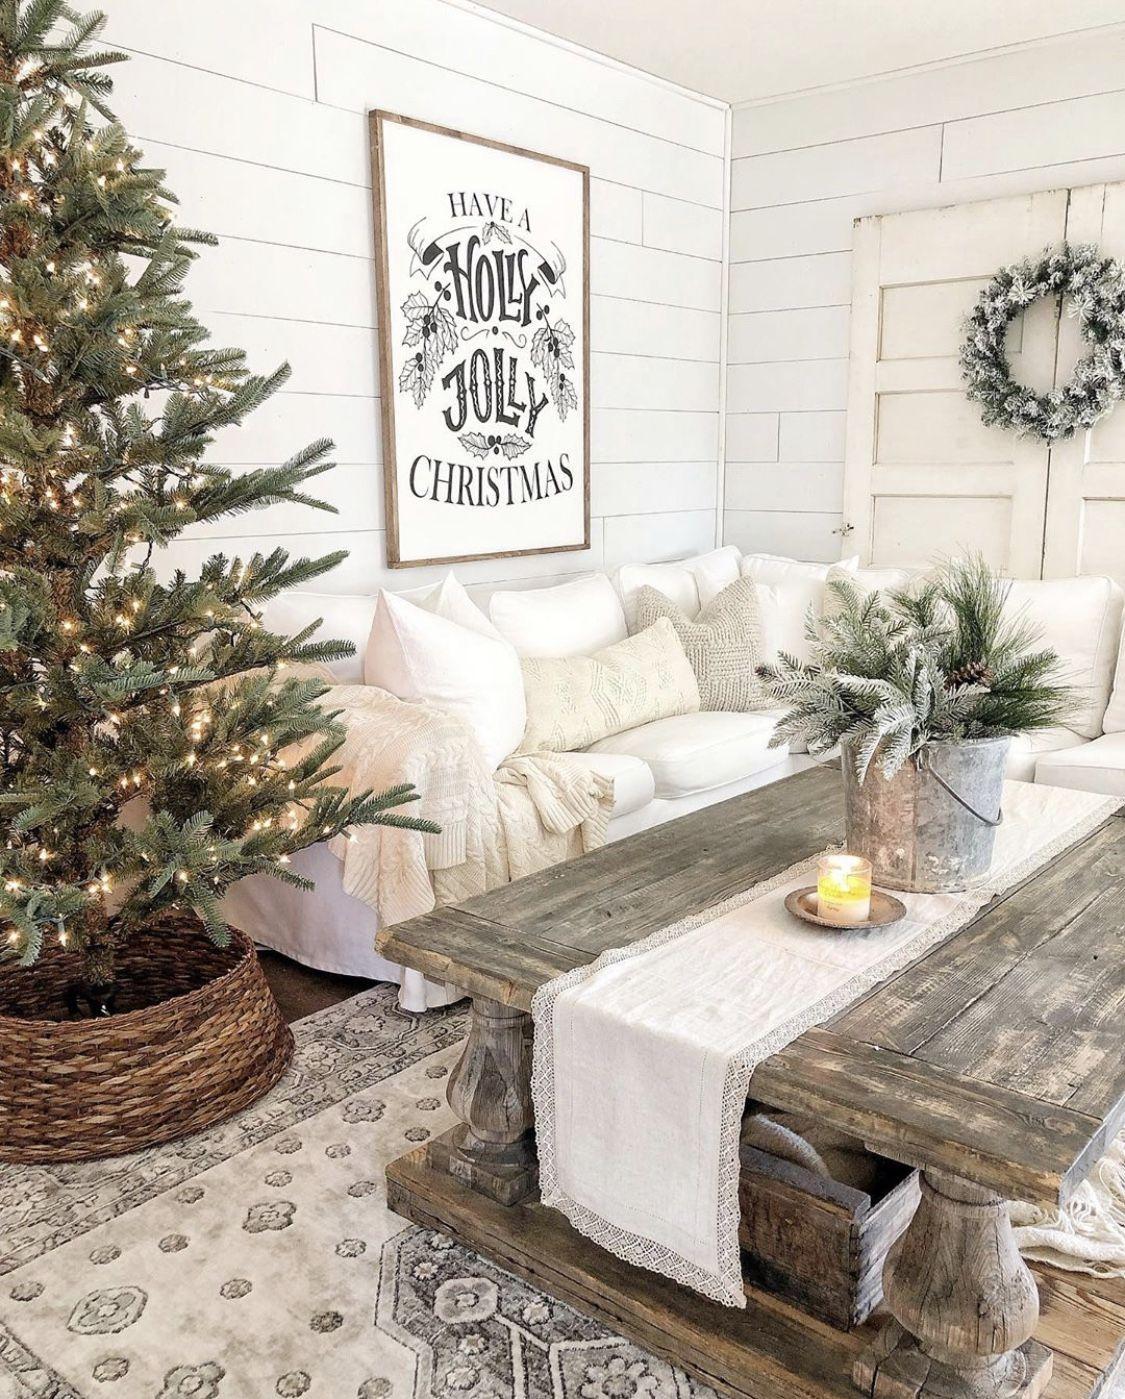 Farmhouse Christmas decor, Christmas decor ideas